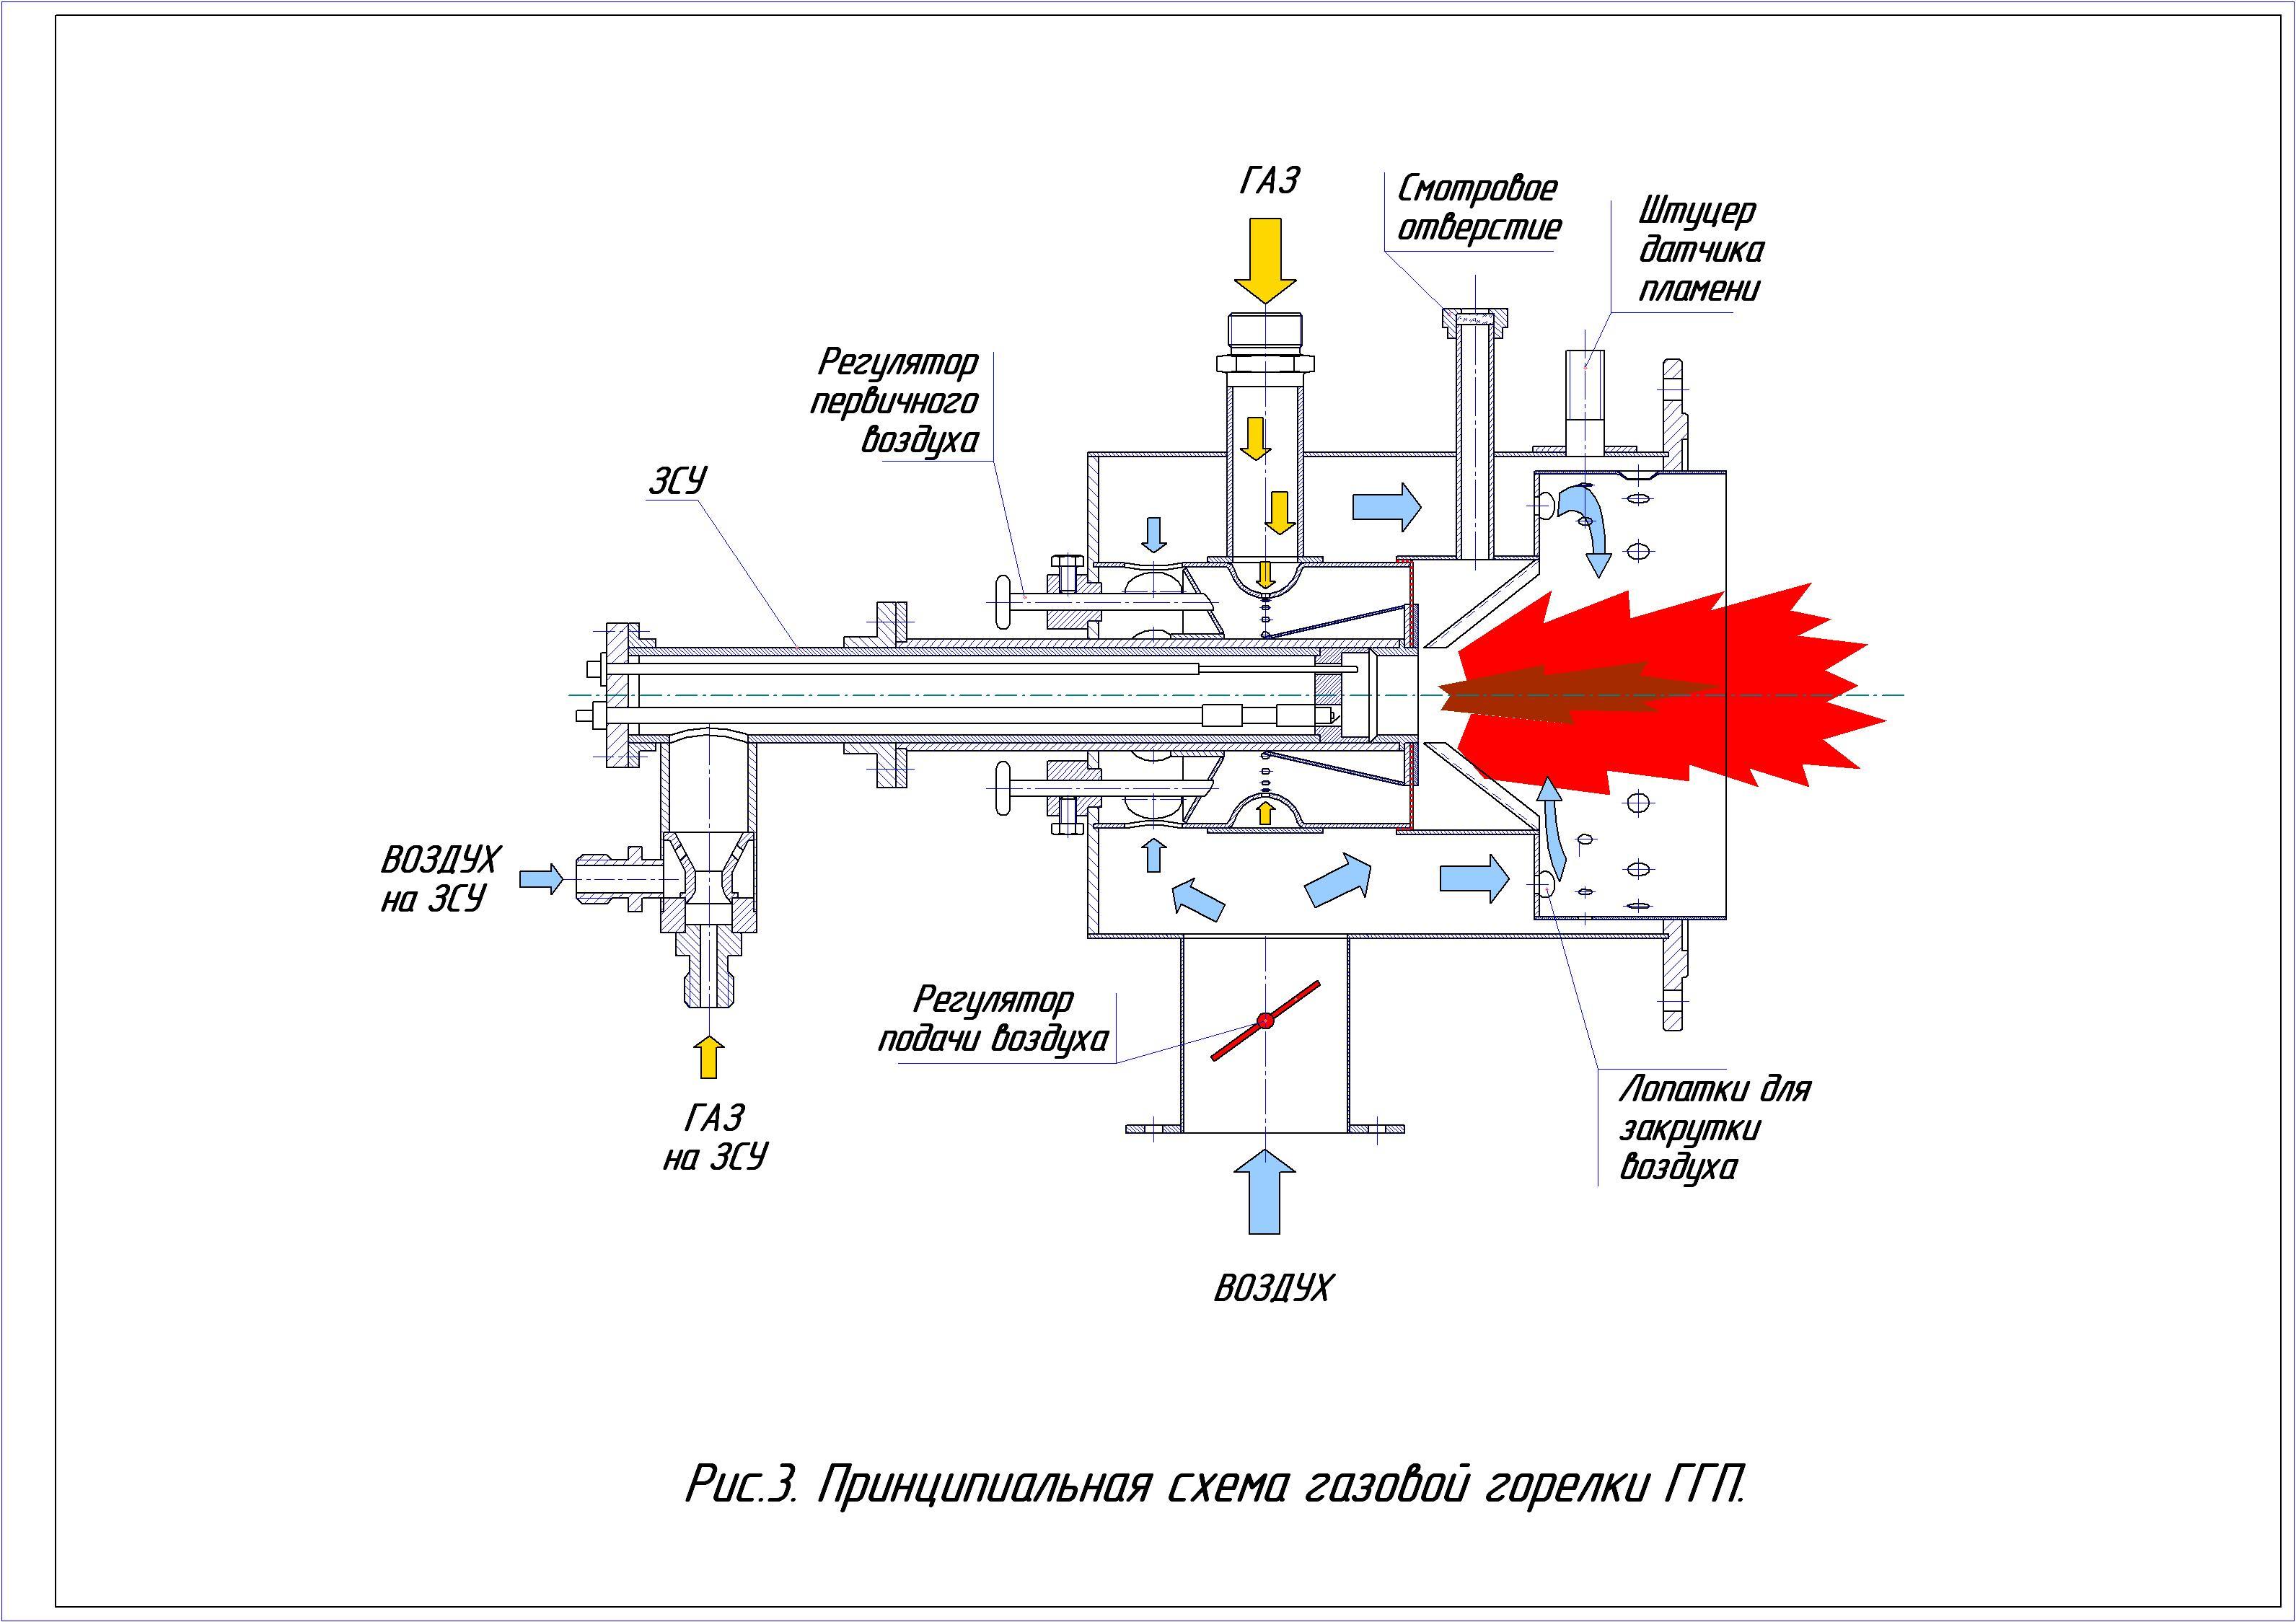 Газовые горелки на баллончик: разновидности и принцип работы + нюансы выбора и использования